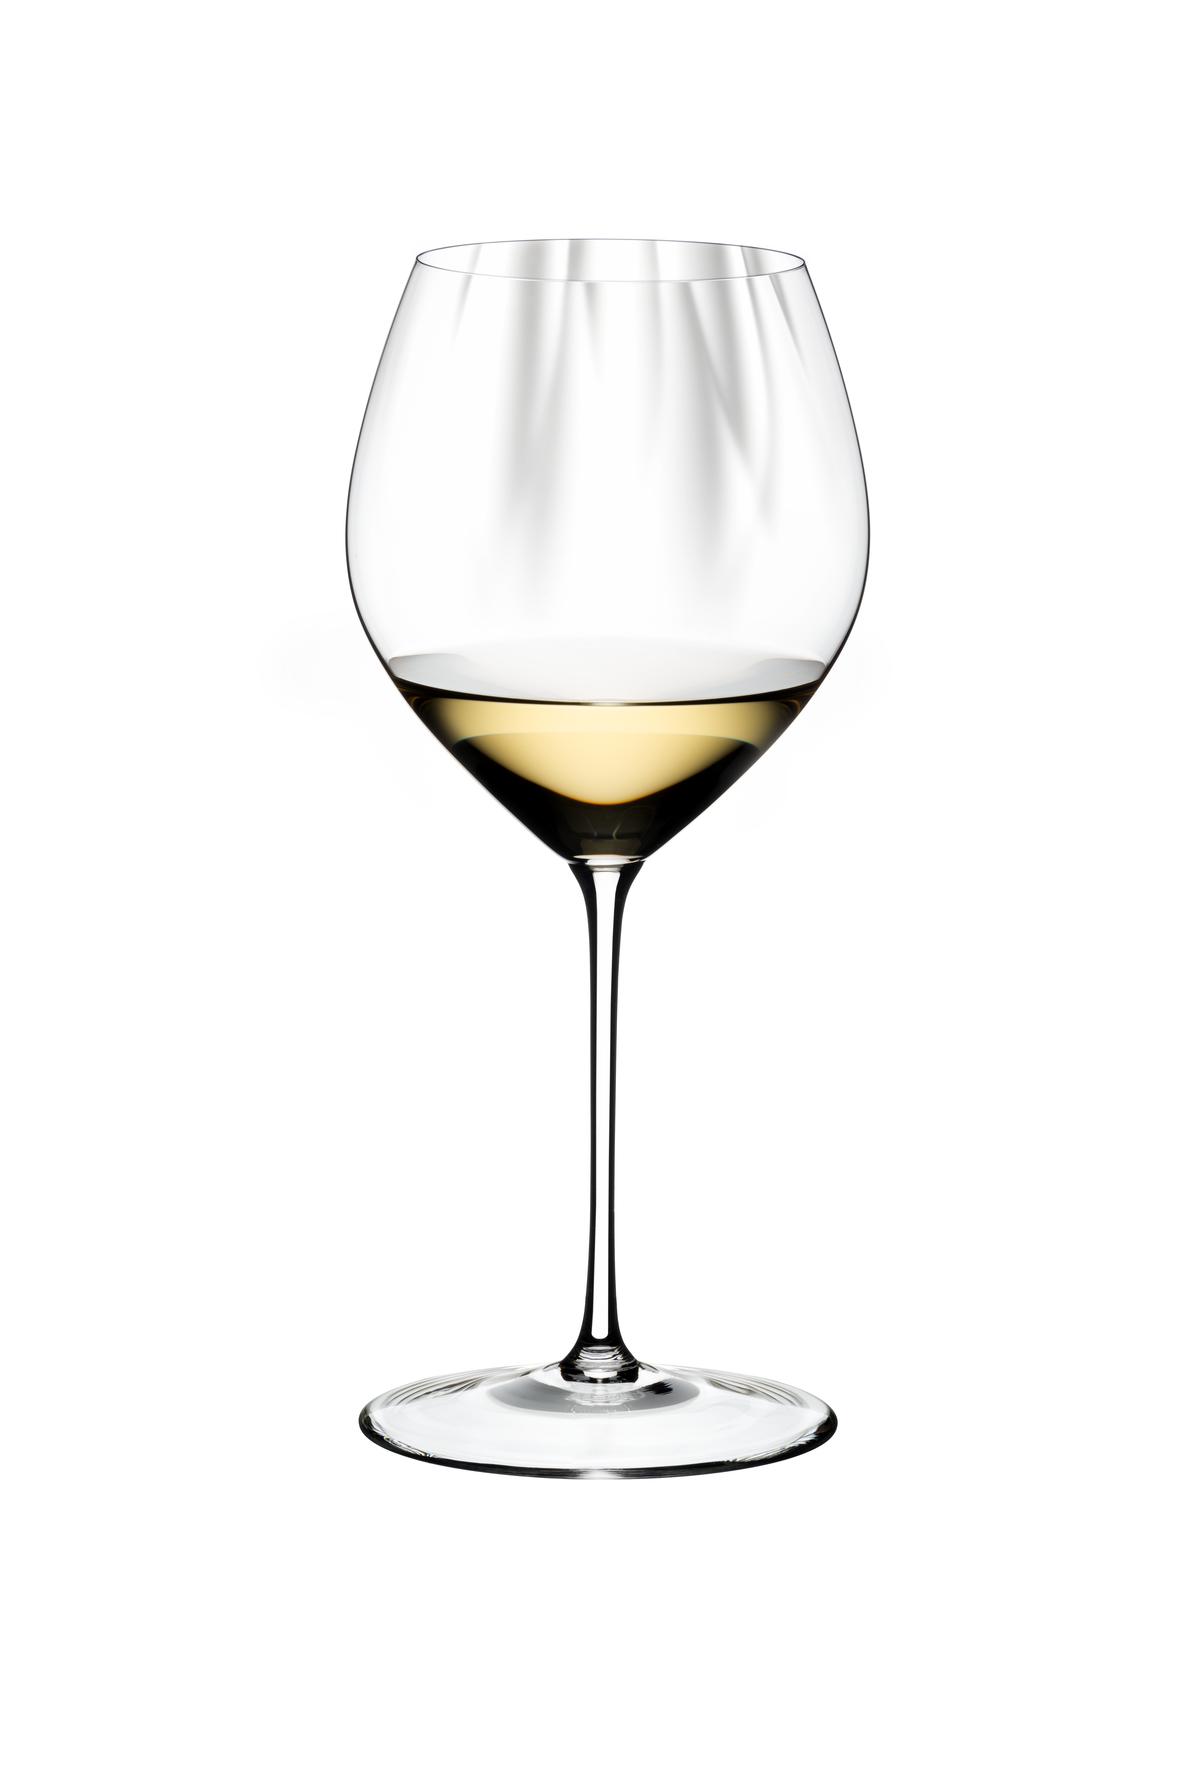 Riedel Performance Chardonnay 727 ccm